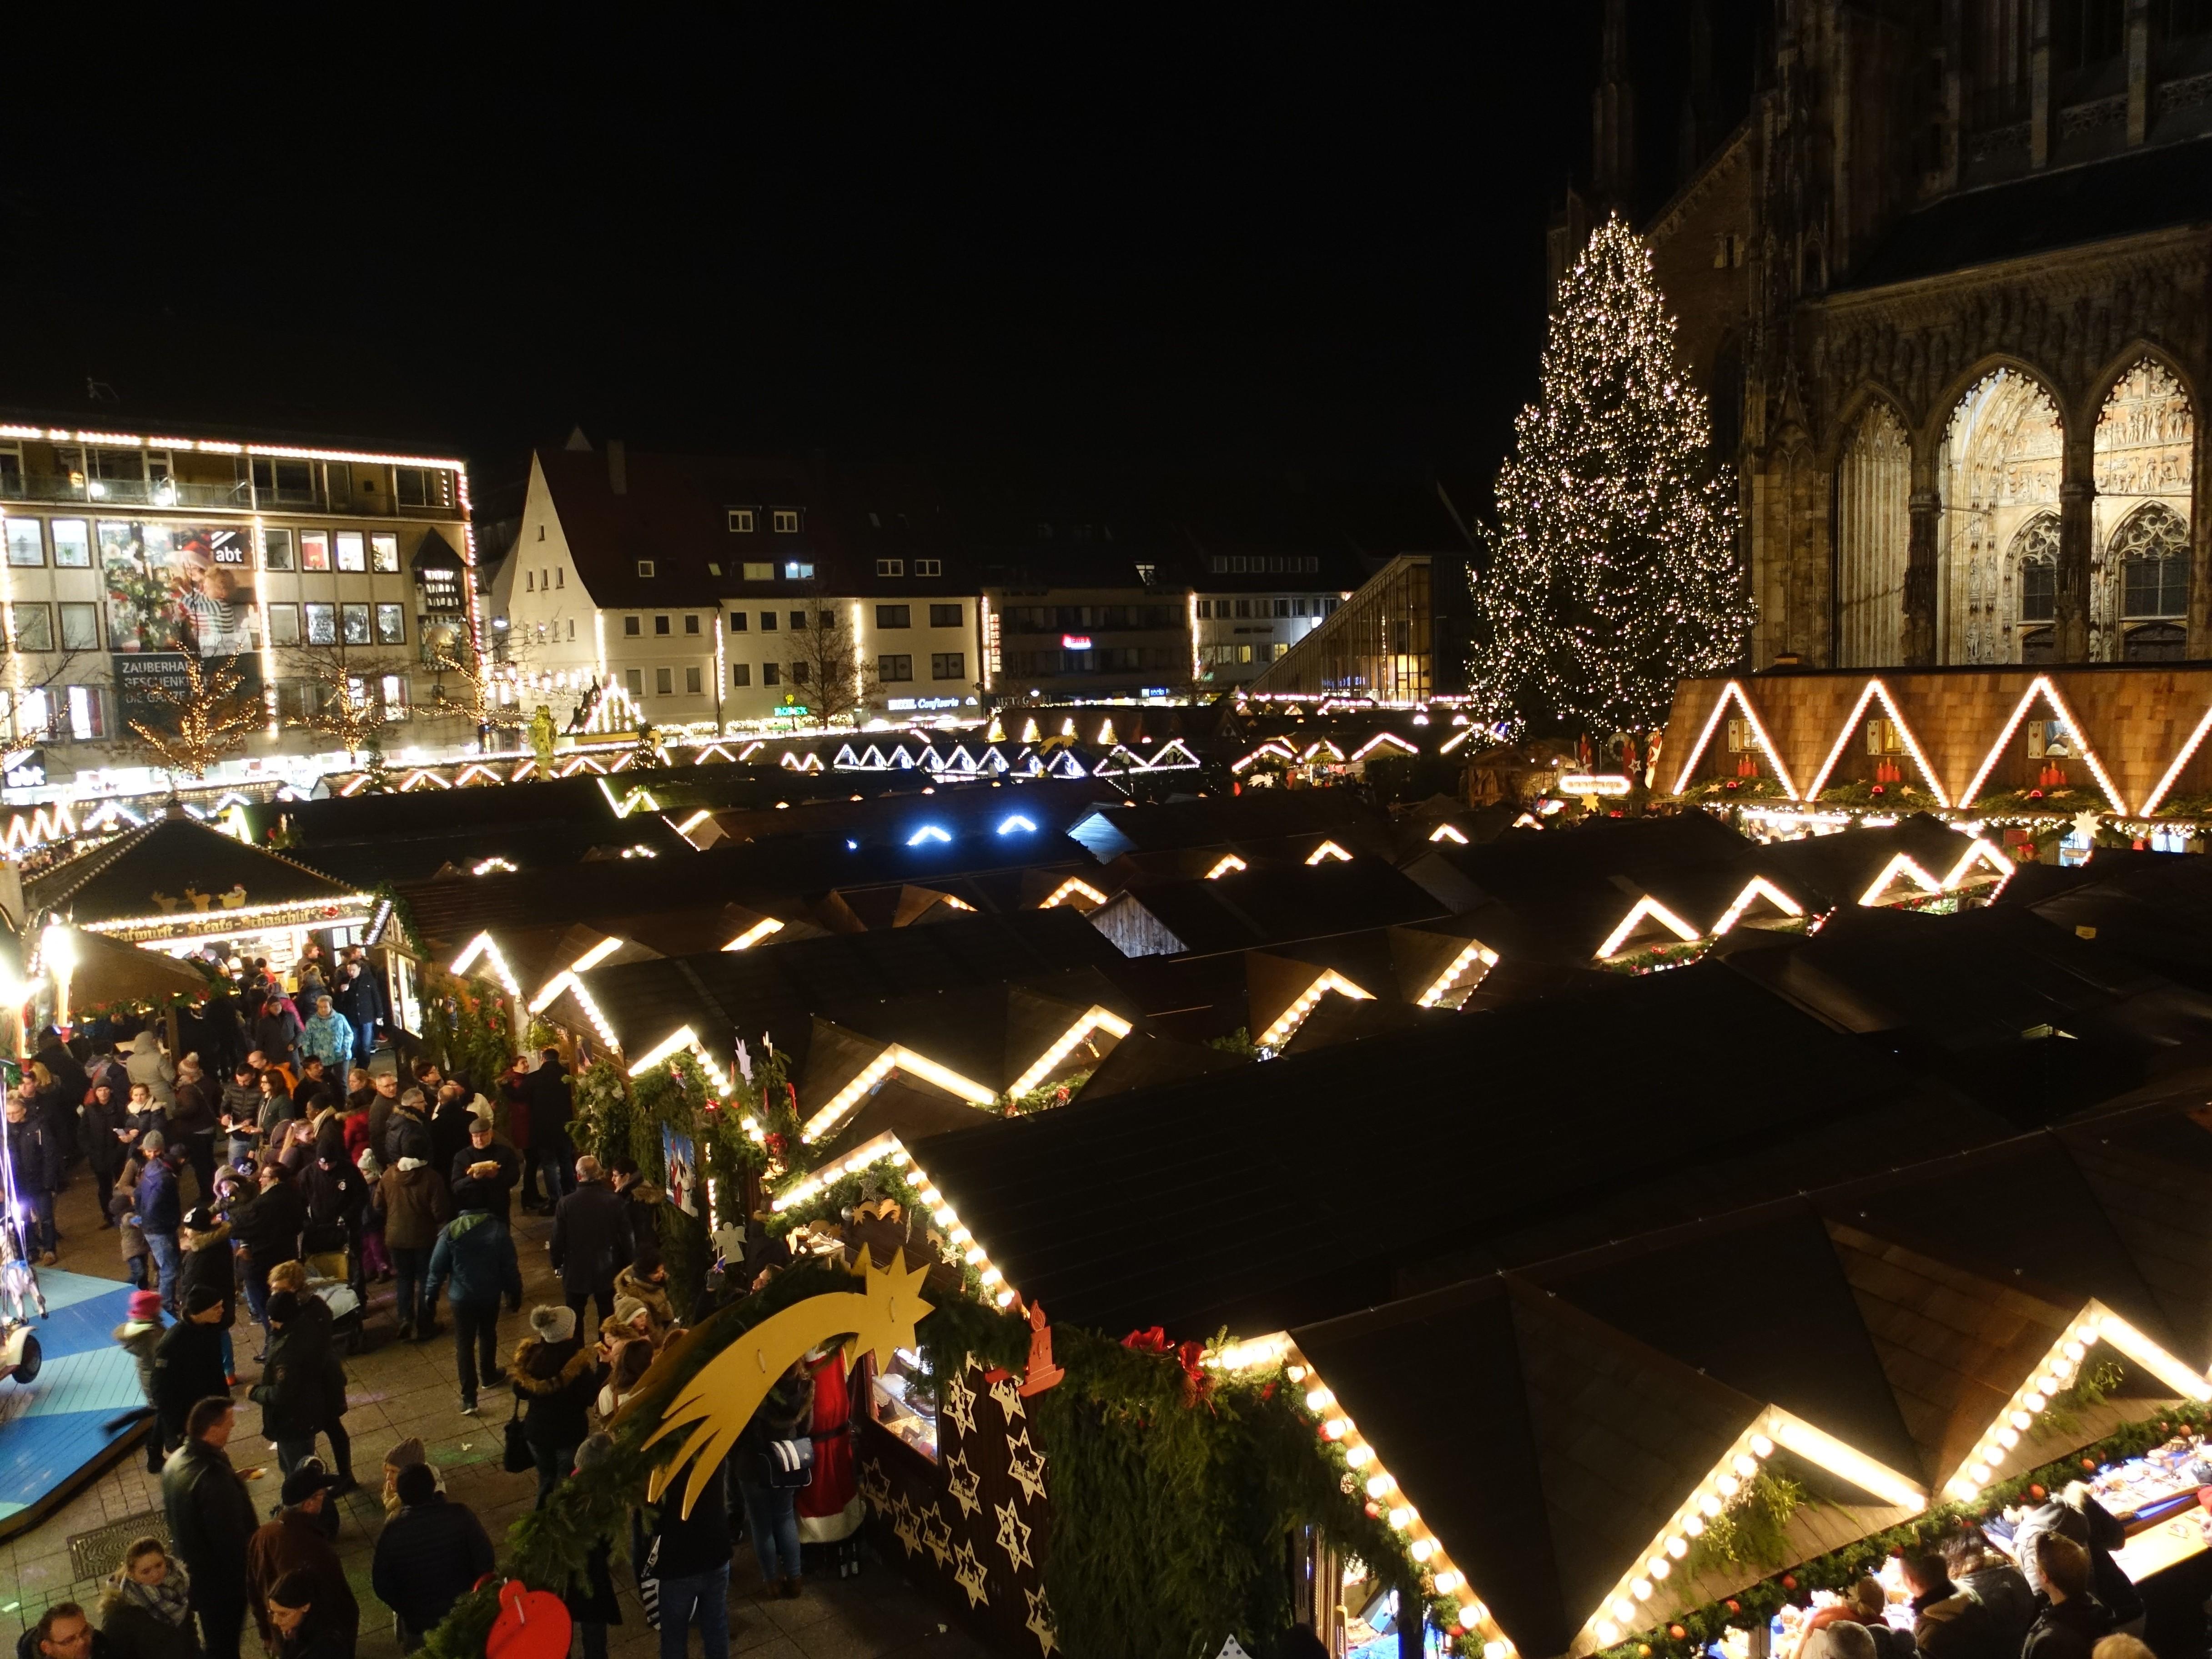 Ulm Weihnachtsmarkt.File Ulm Weihnachtsmarkt Auf Dem Münsterplatz Jpg Wikimedia Commons